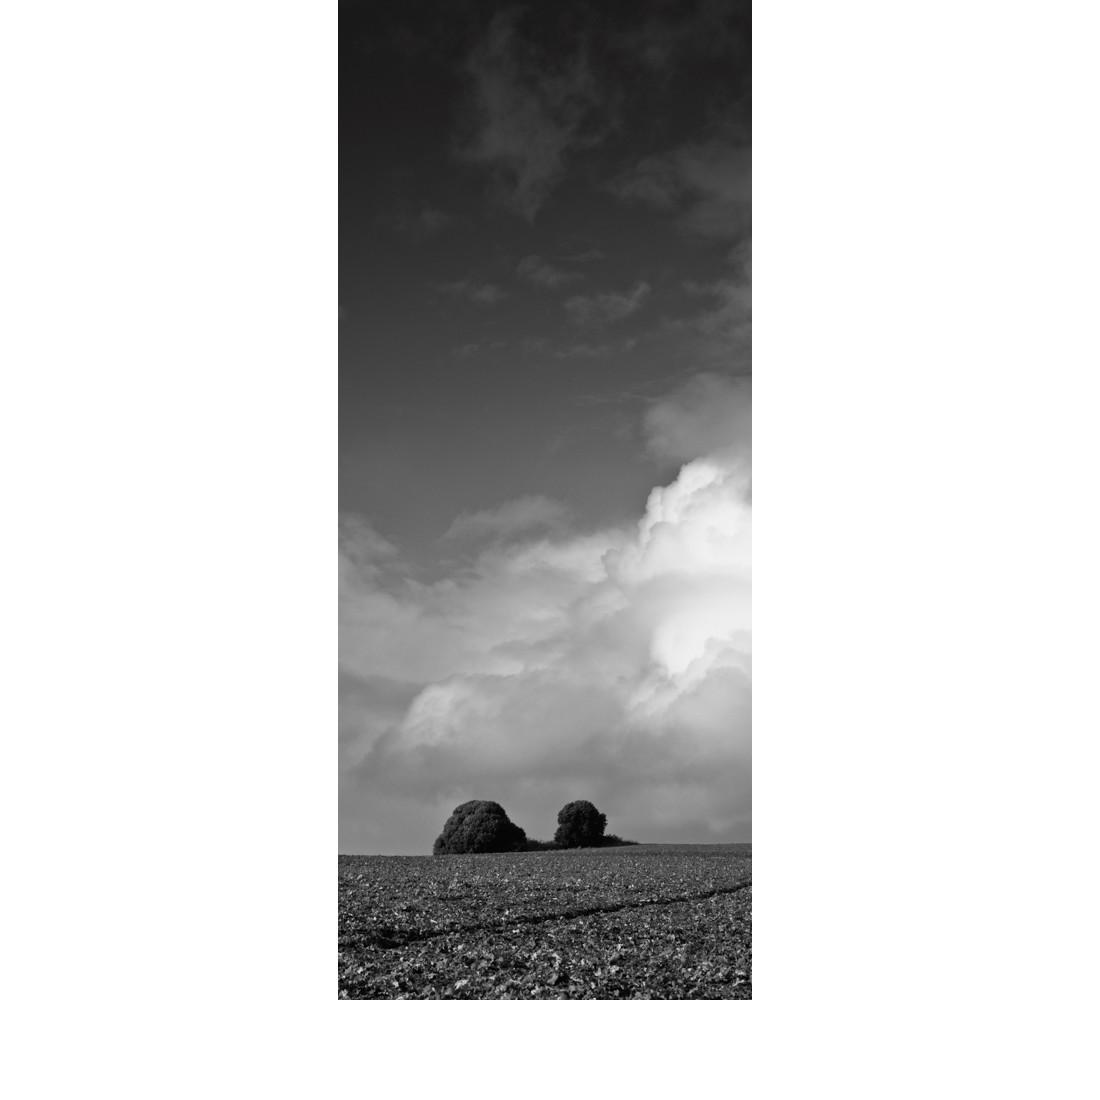 Presqu'ile Guérandaise © Photographie : Michel Ducrot